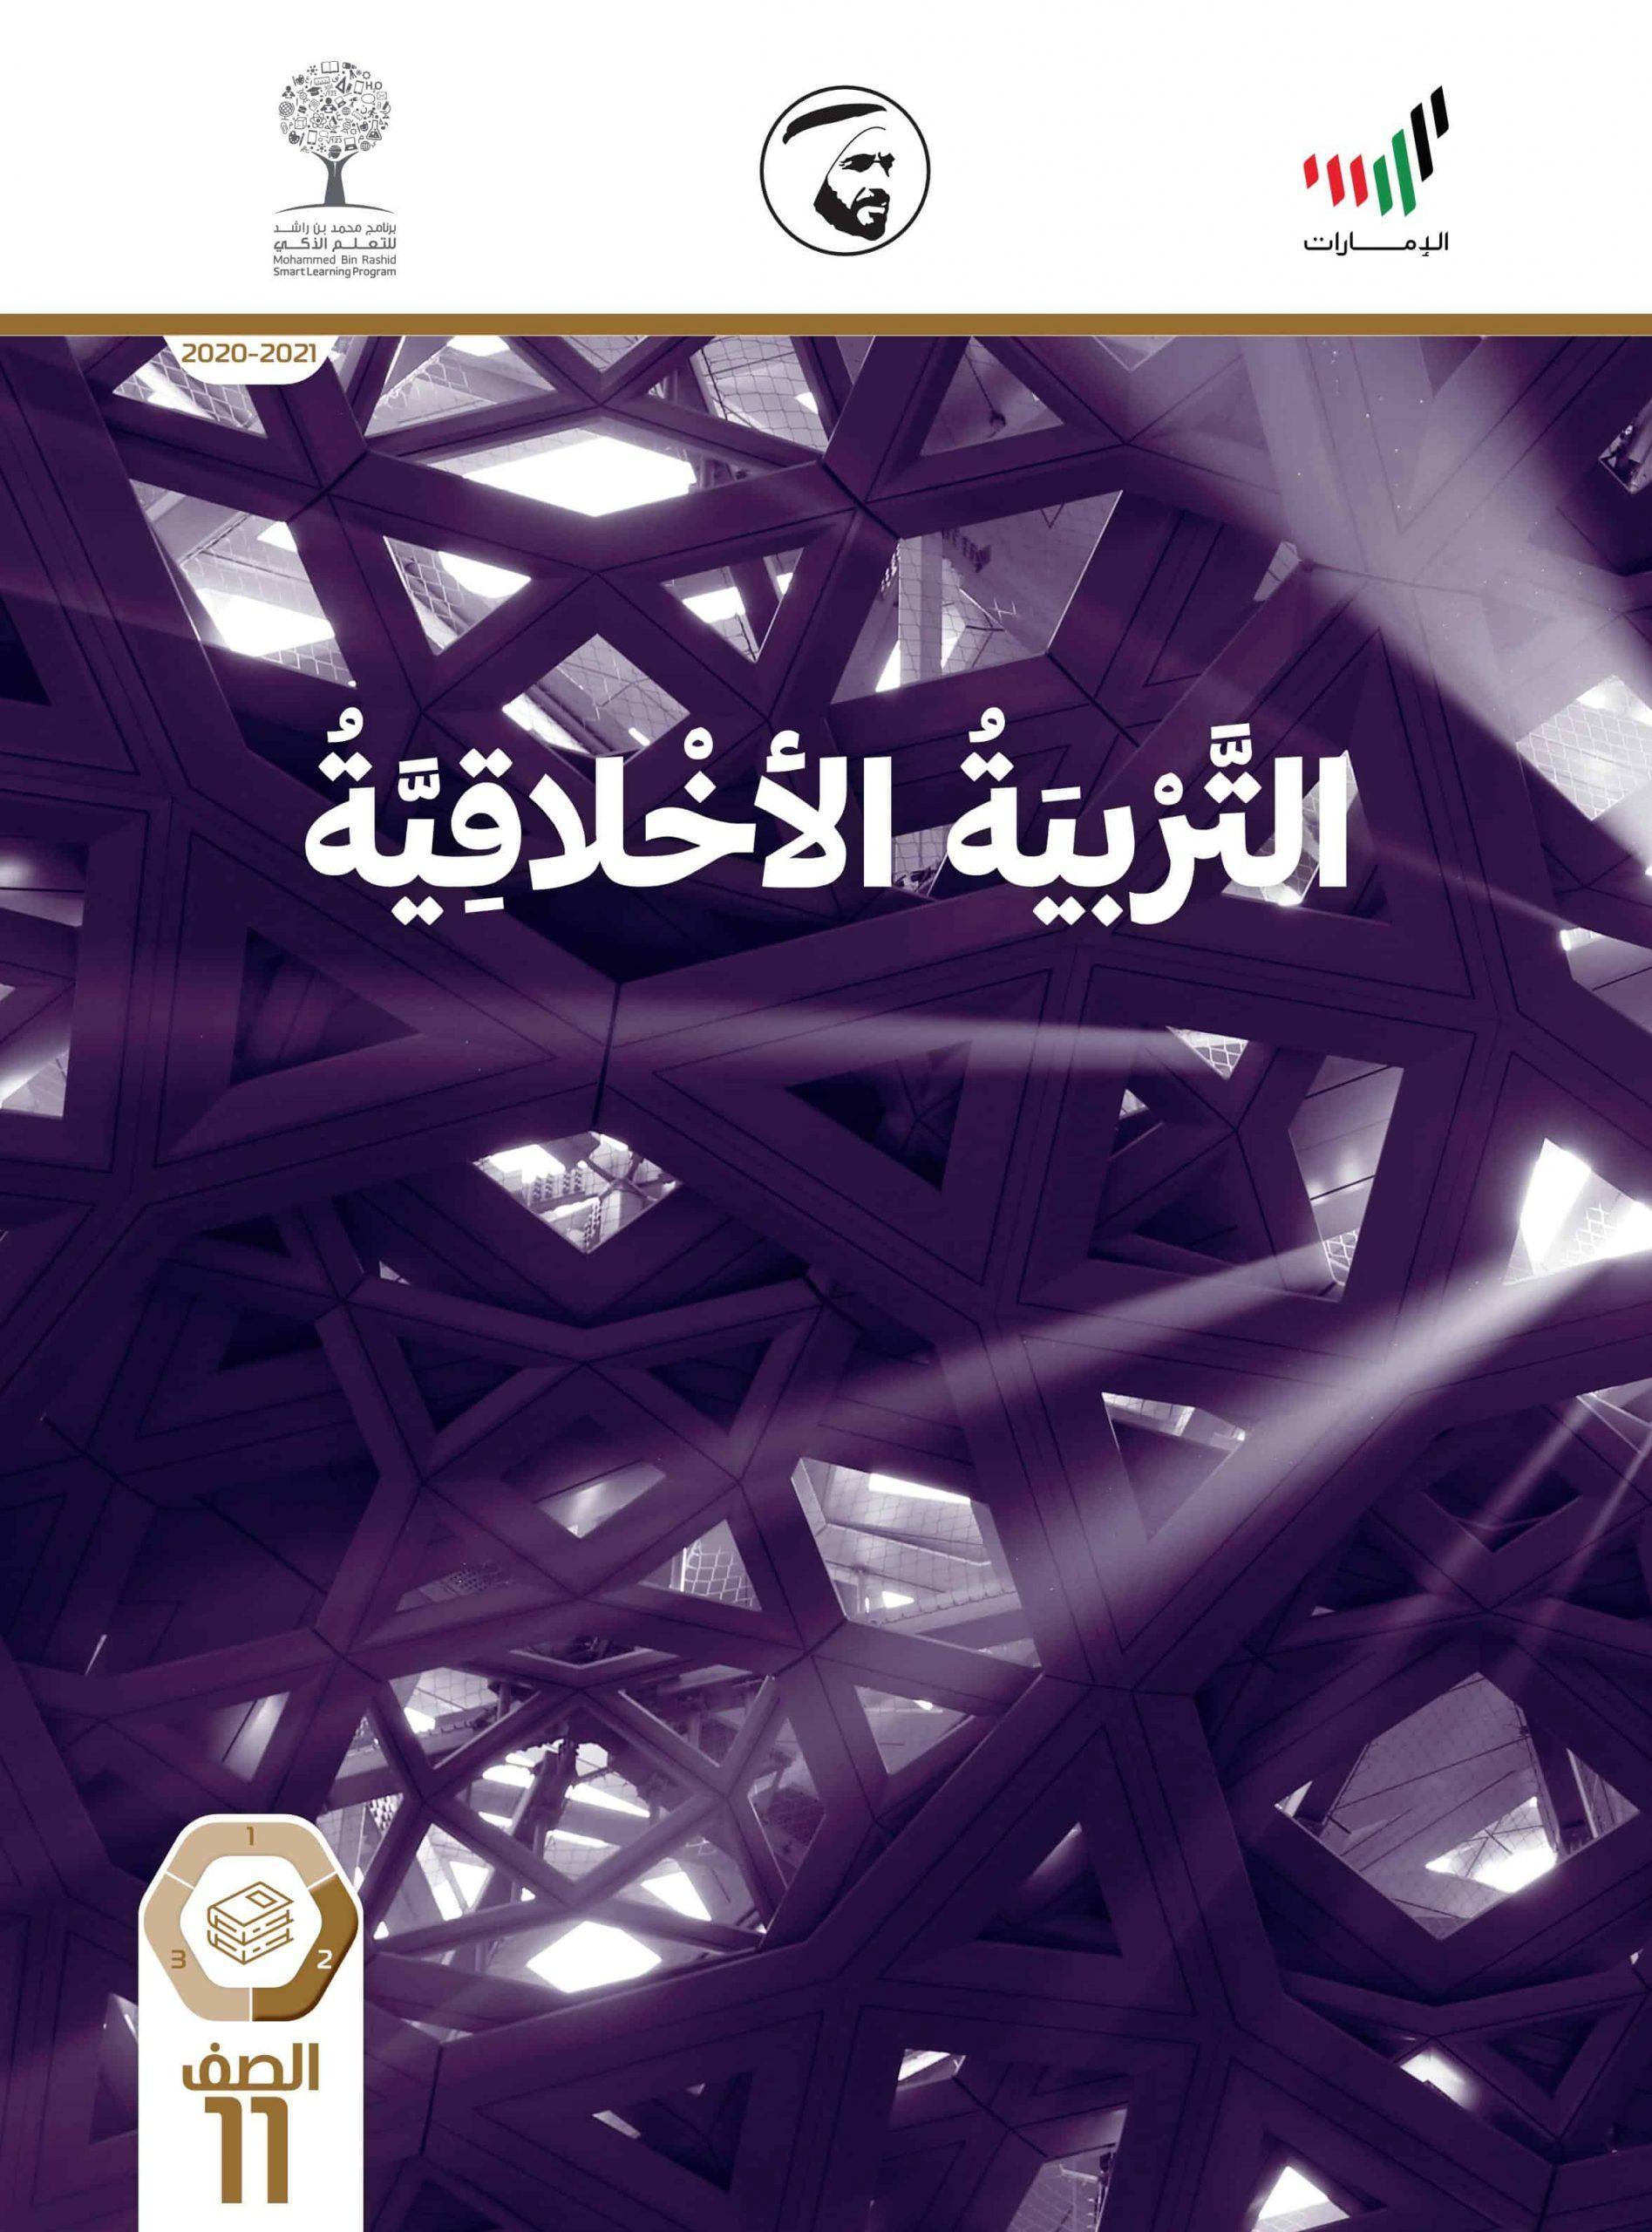 كتاب الطالب الفصل الدراسي الثاني 2020-2021 الصف الحادي عشر مادة التربية الاخلاقية